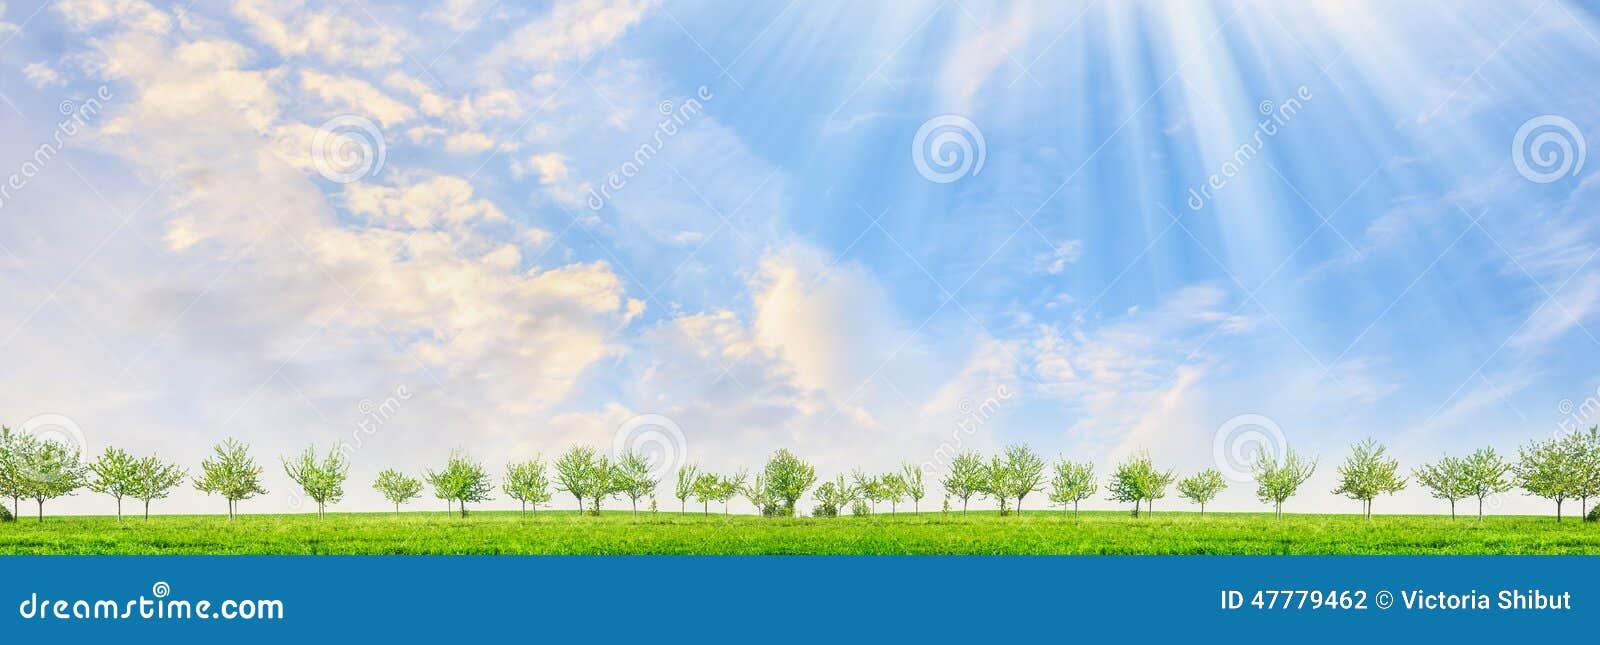 Frühlingslandschaft mit jungen Bäumen und Sonne strahlt auf Hintergrund des blauen Himmels aus